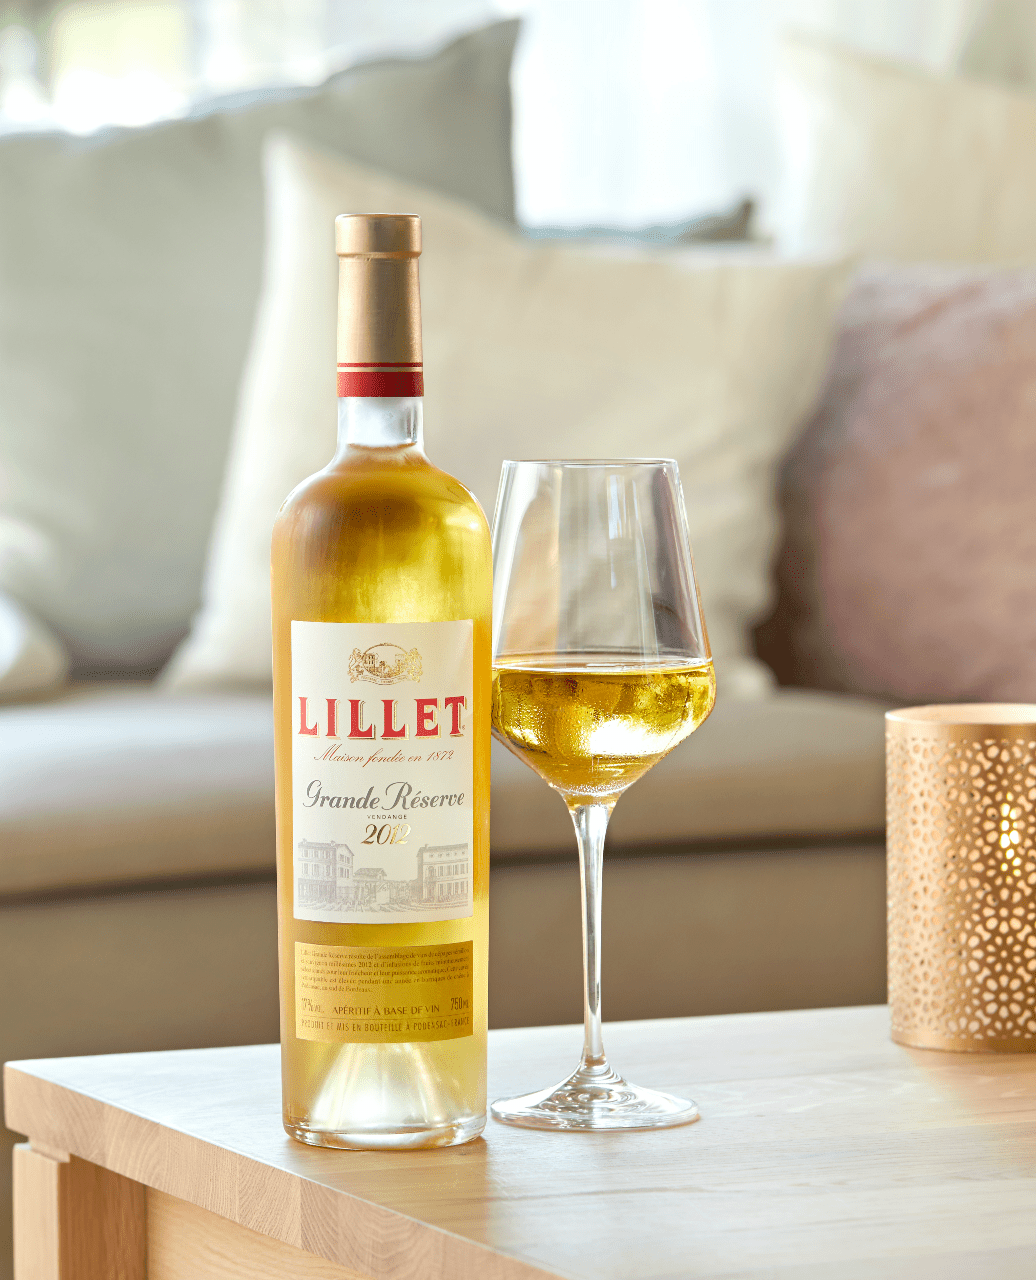 Vin apéritif Lillet blanc grande réserve - idée cocktail recette apero